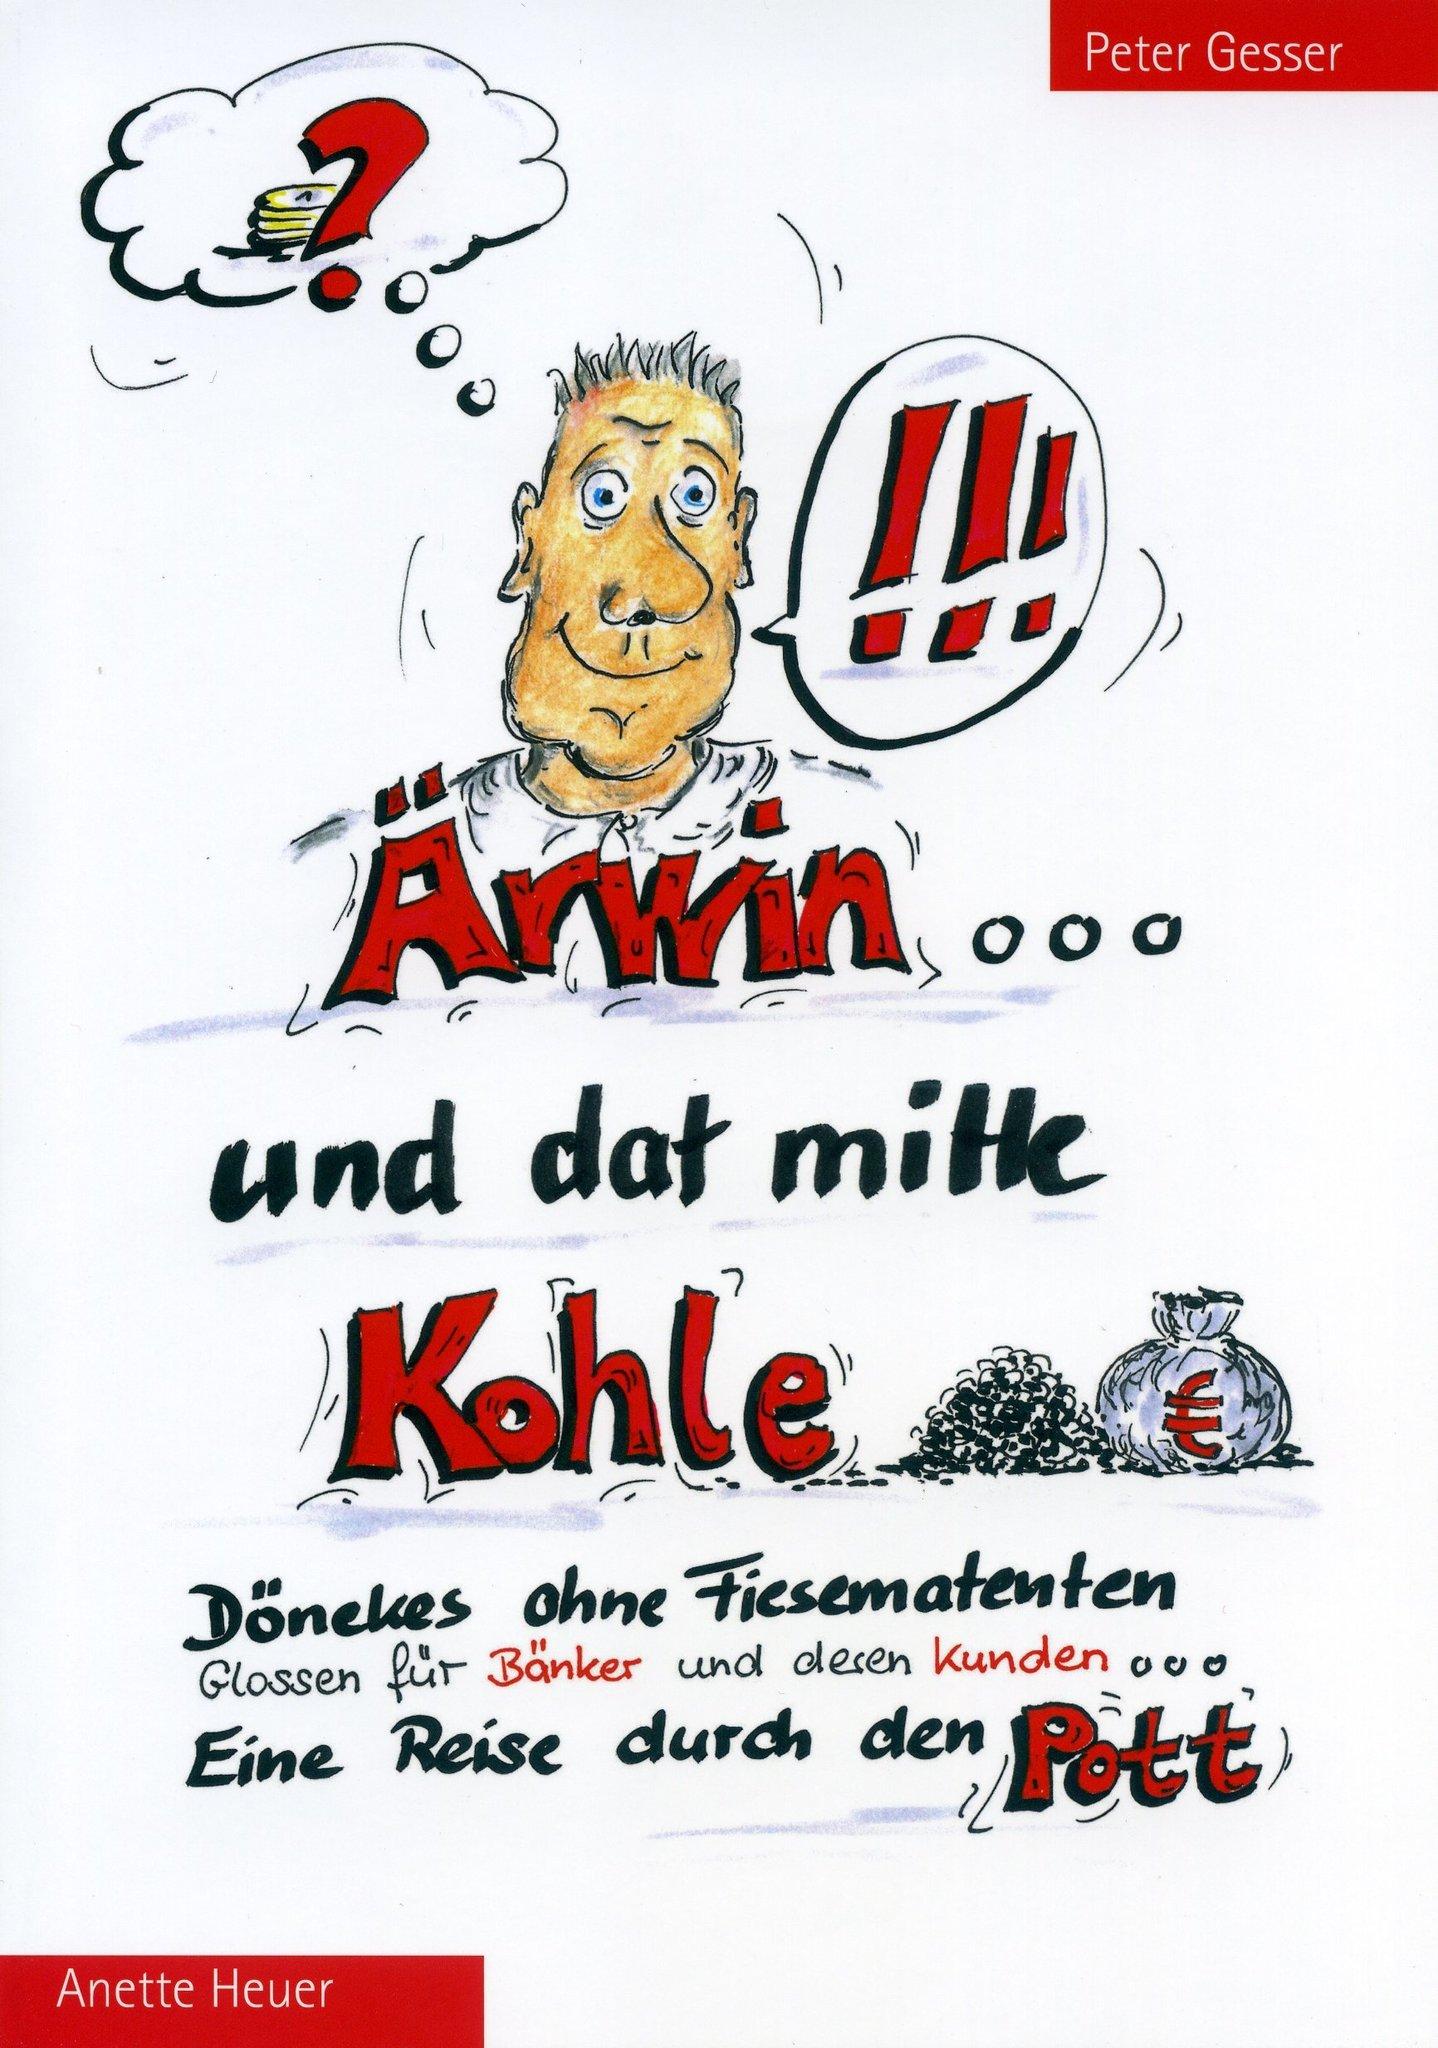 Ärwin und dat vagessene Geschenk | Eine kleine Weihnachtsgeschichte ...